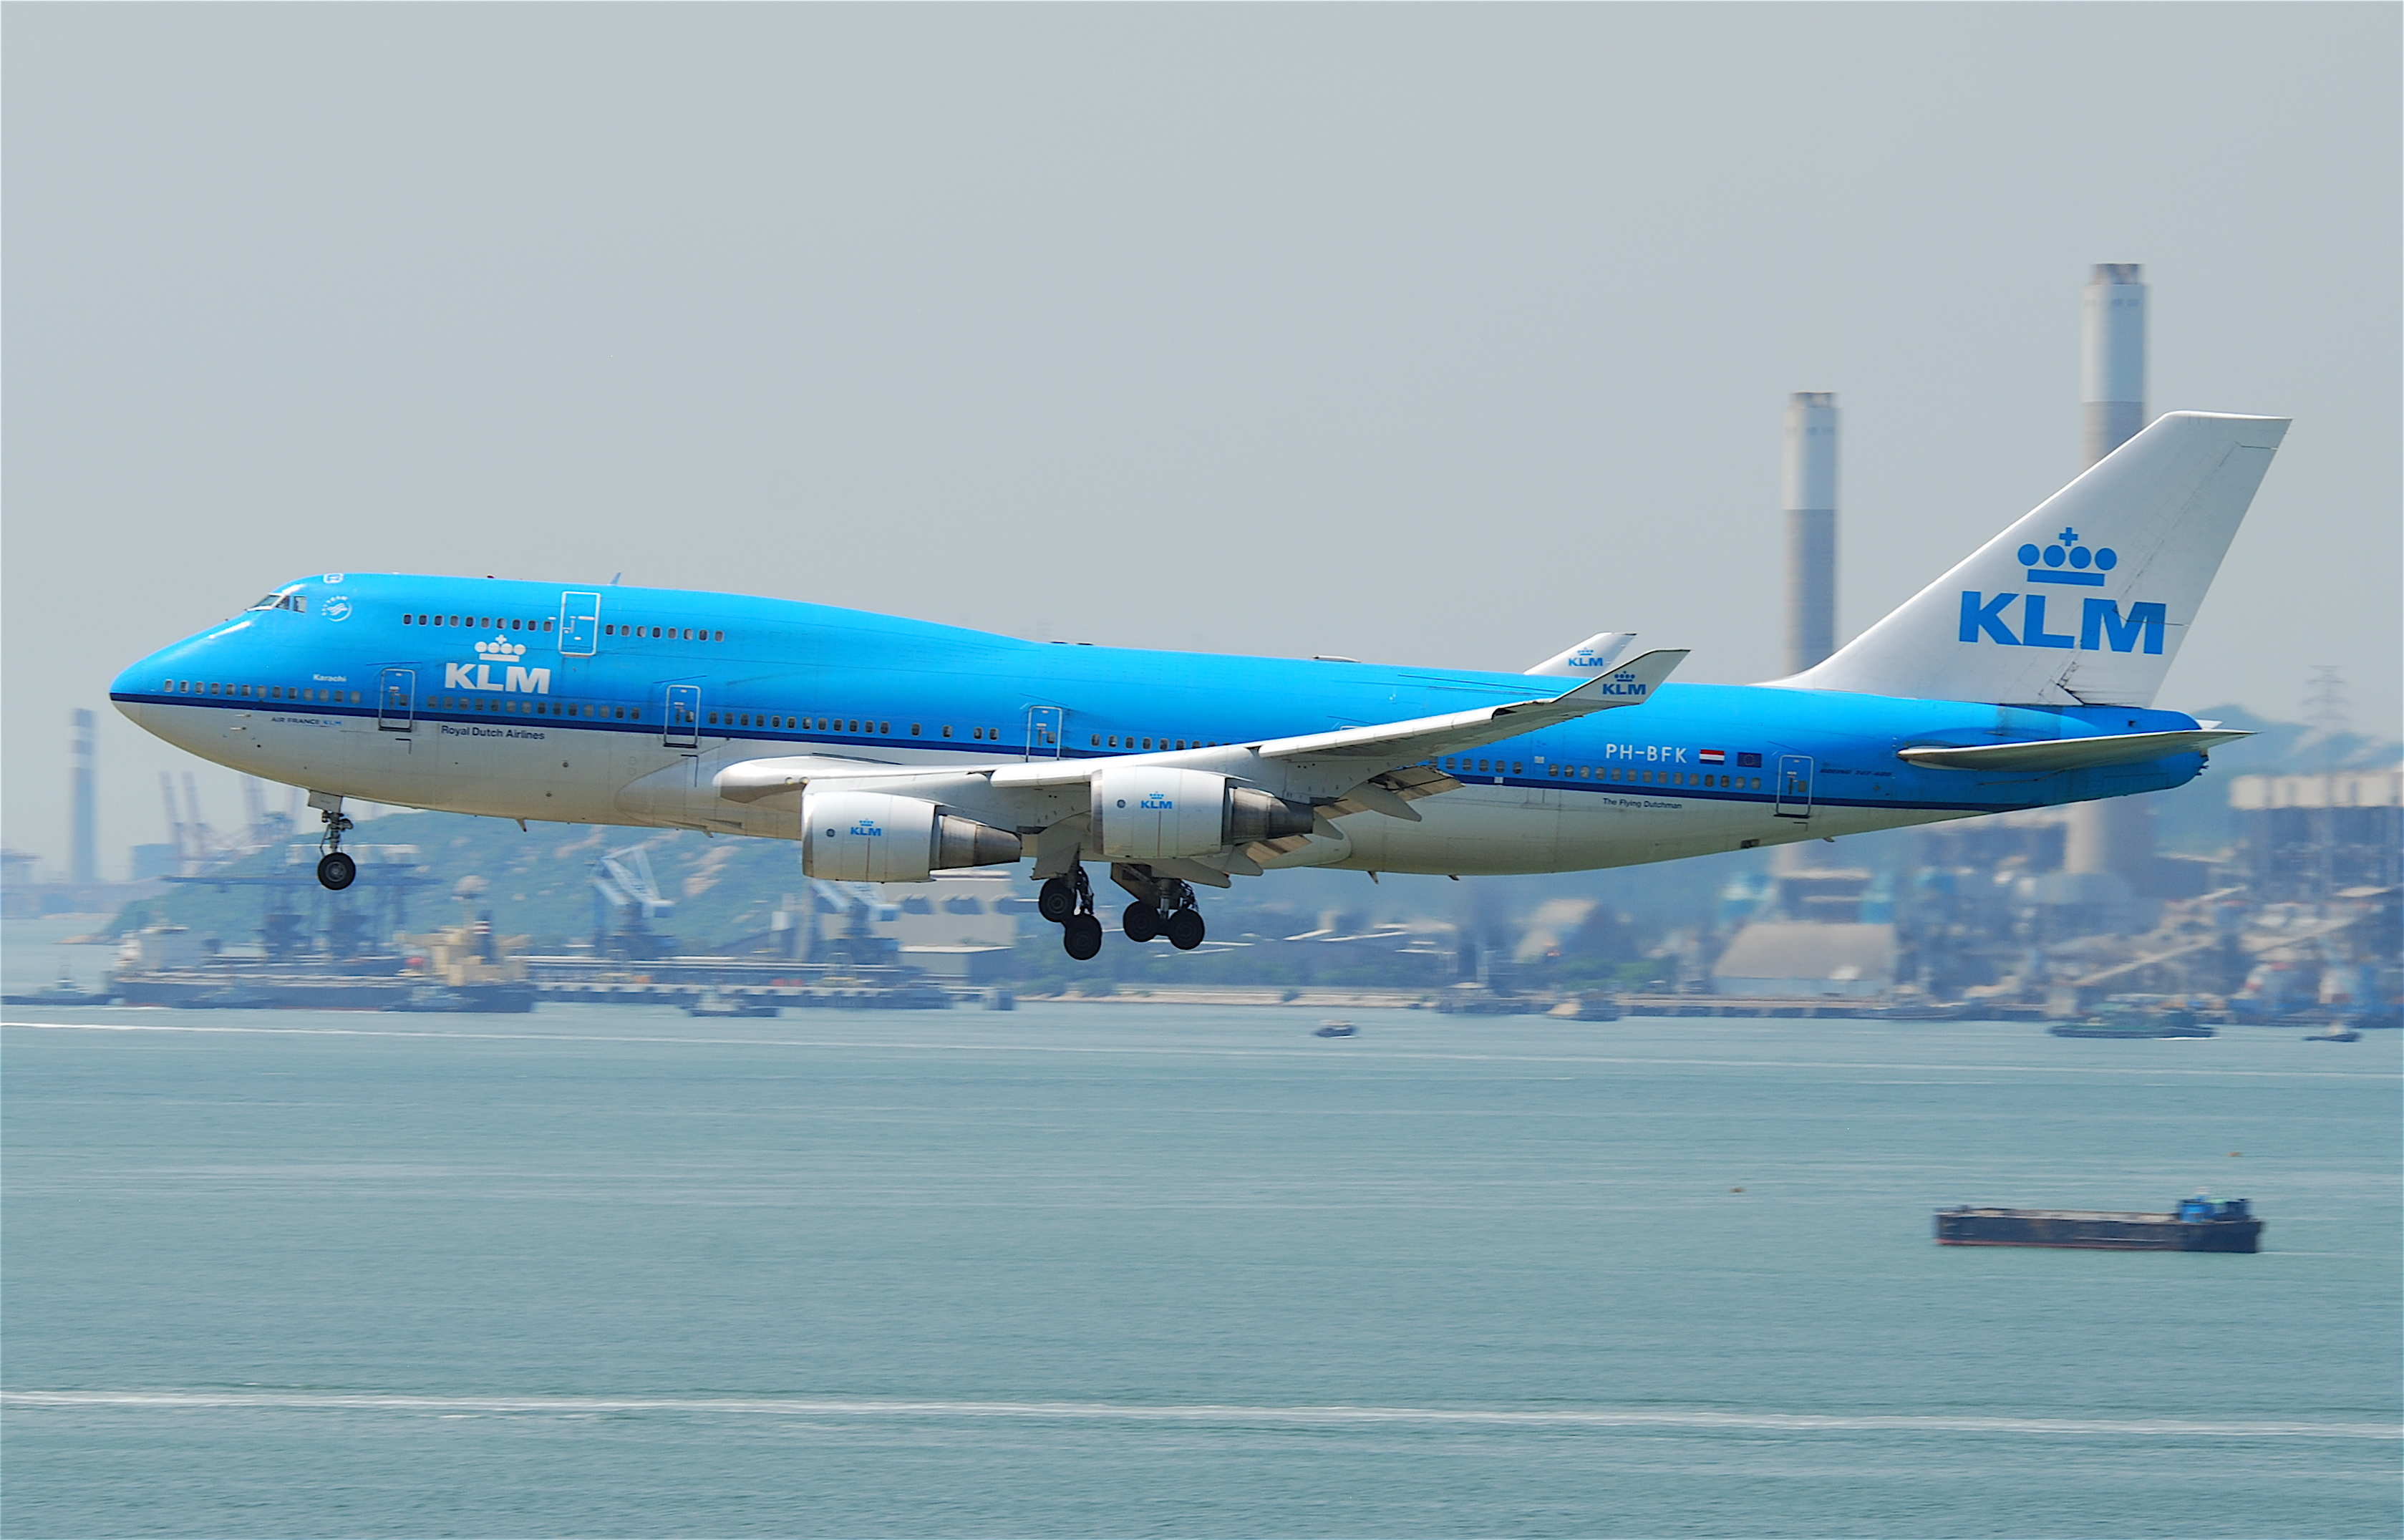 Bildresultat för klm boeing 747-400m